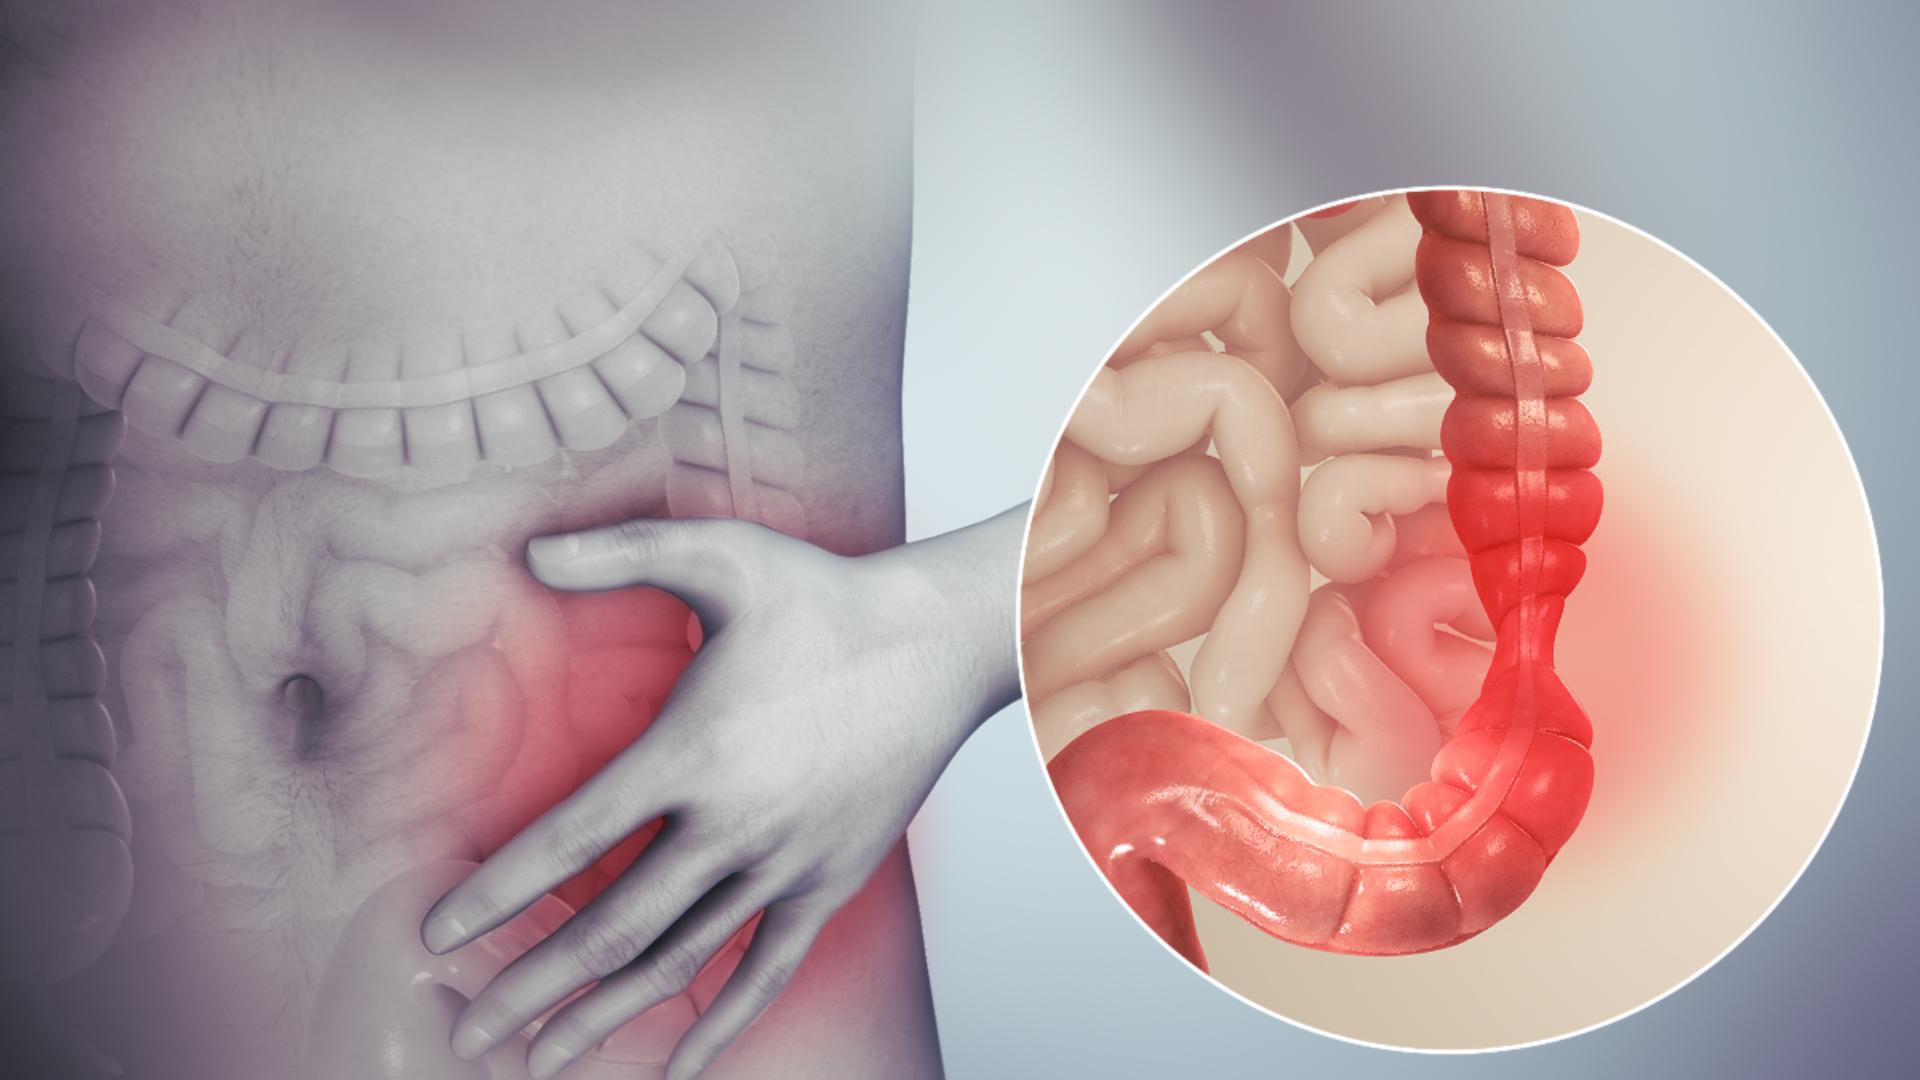 Liver cancer abdominal bloating.